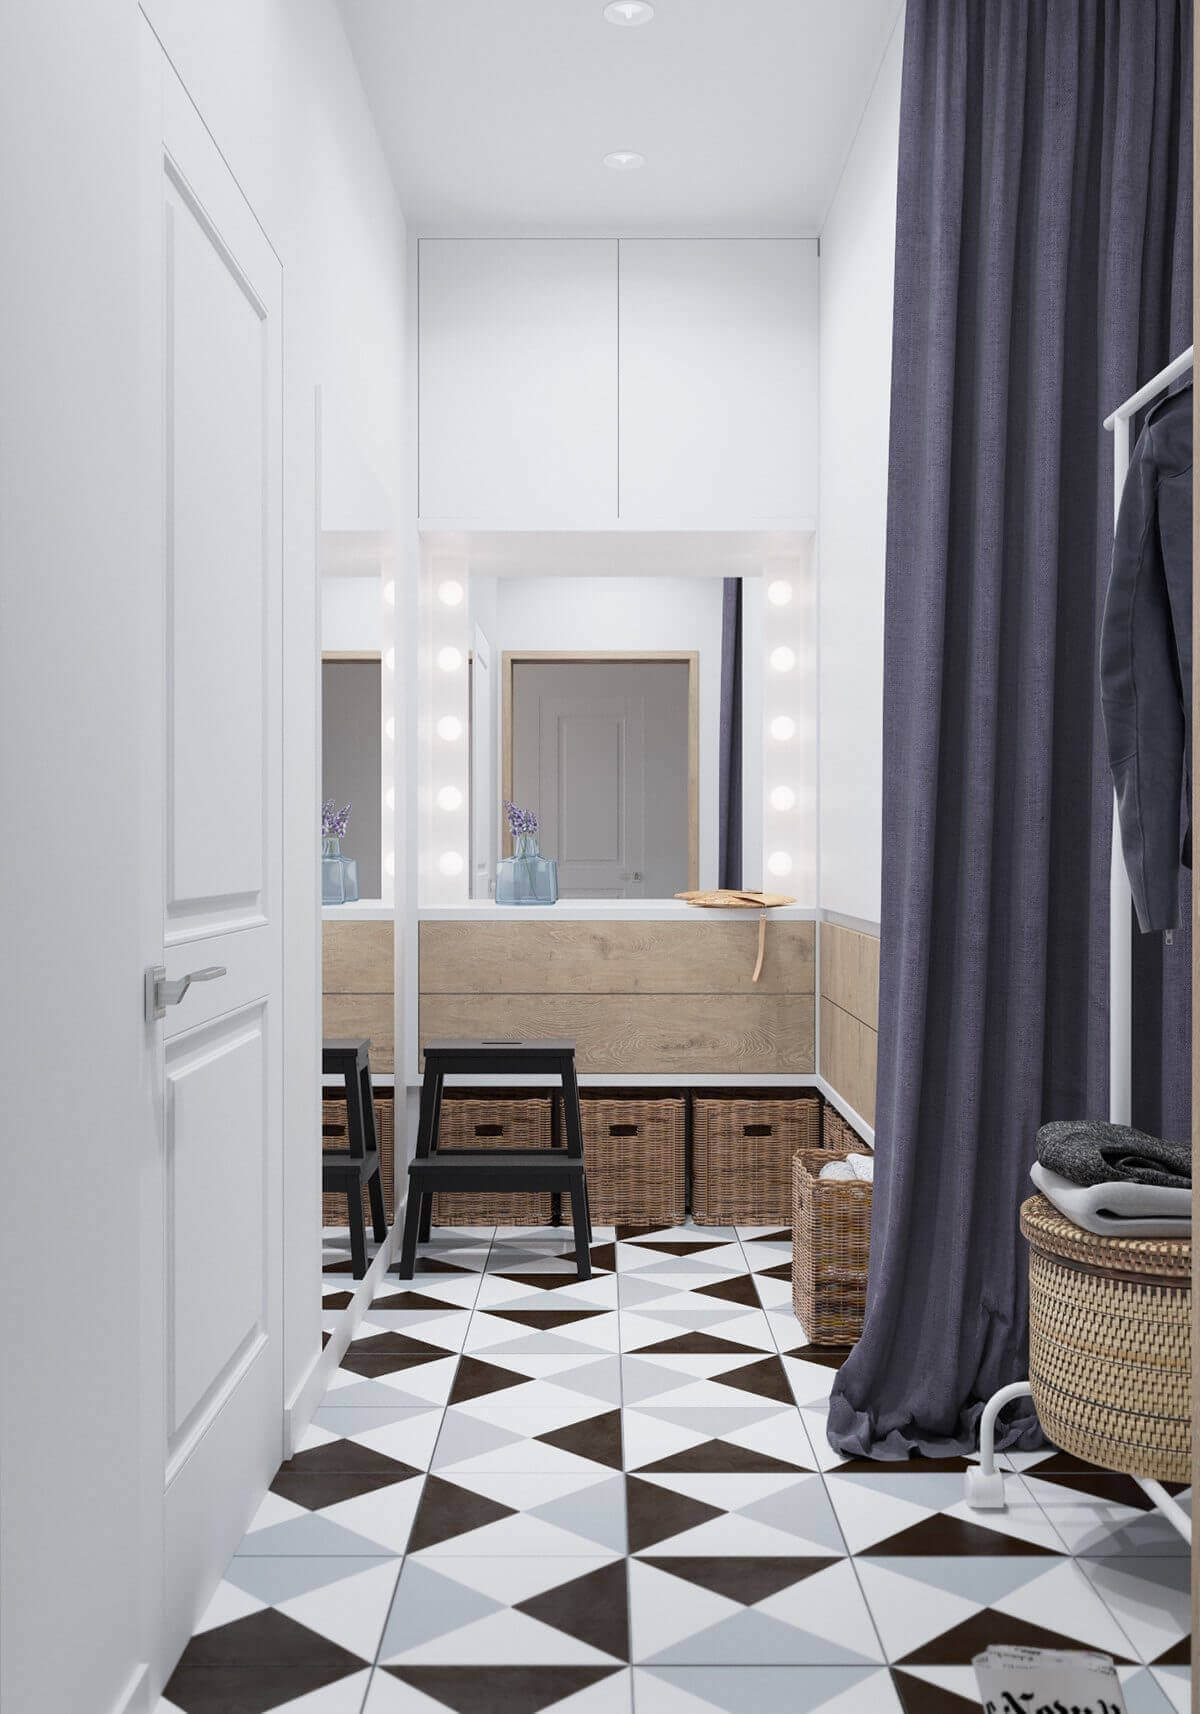 extra space unique tiles geometric laundry - Mẫu căn hộ dưới 50m2 với không gian rộng rãi và cá tính